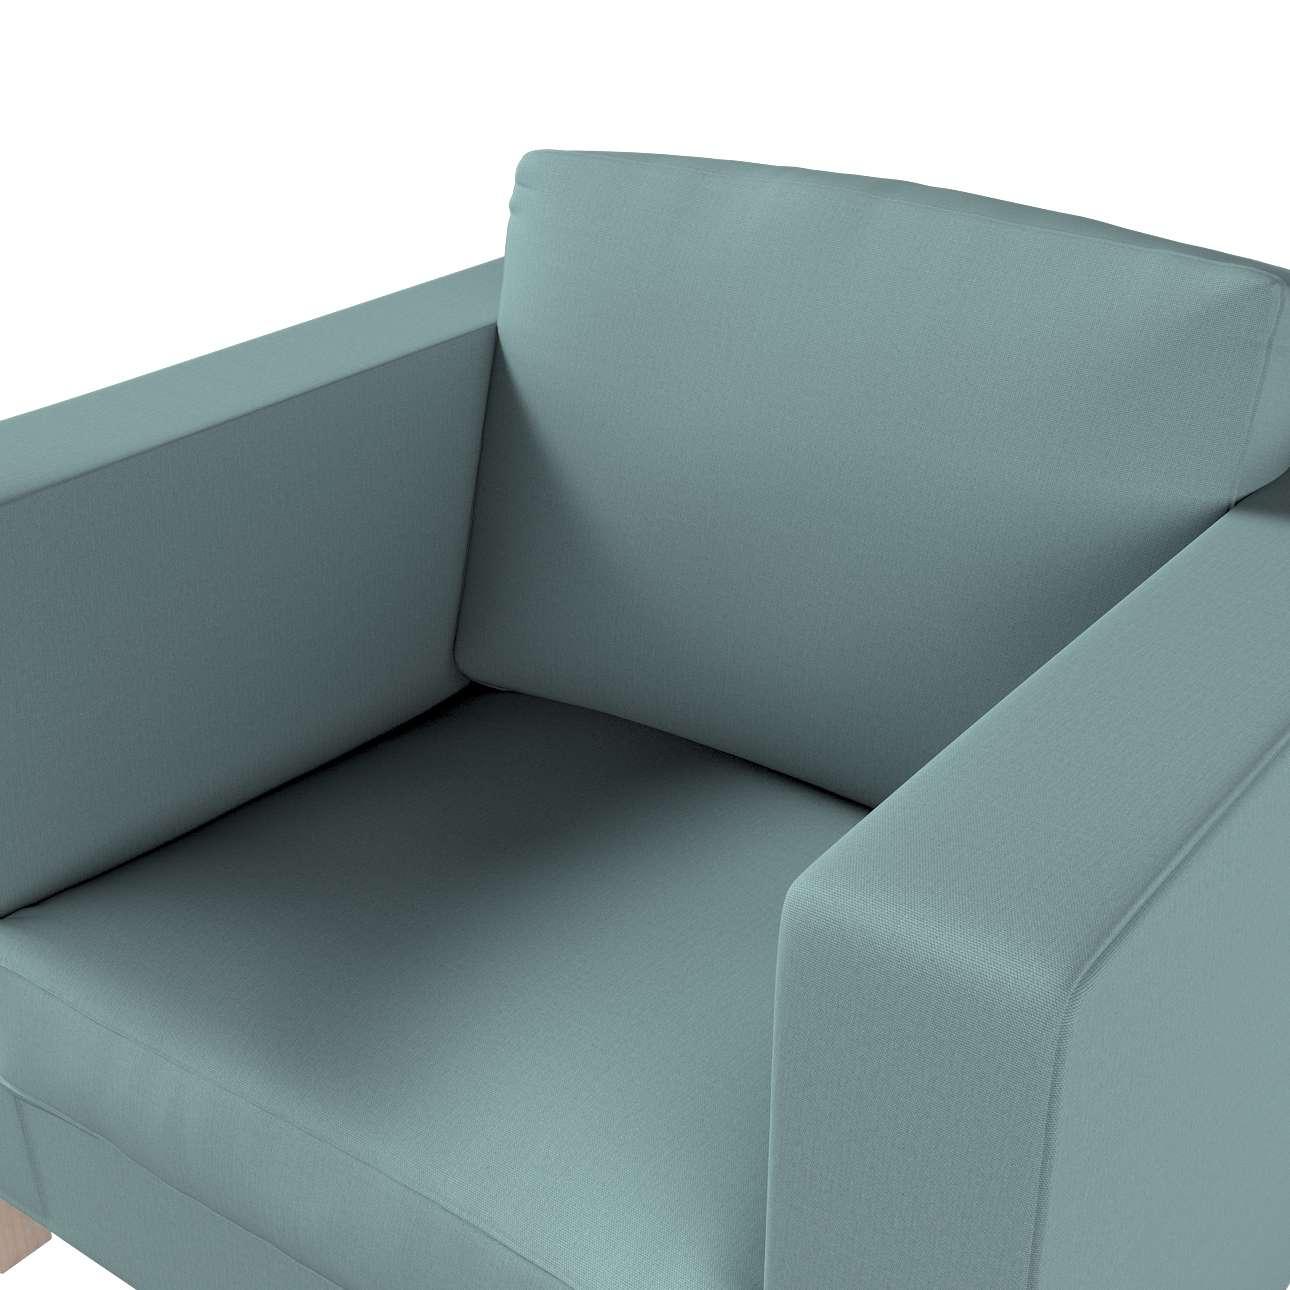 Pokrowiec na fotel Karlanda, krótki w kolekcji Cotton Panama, tkanina: 702-40